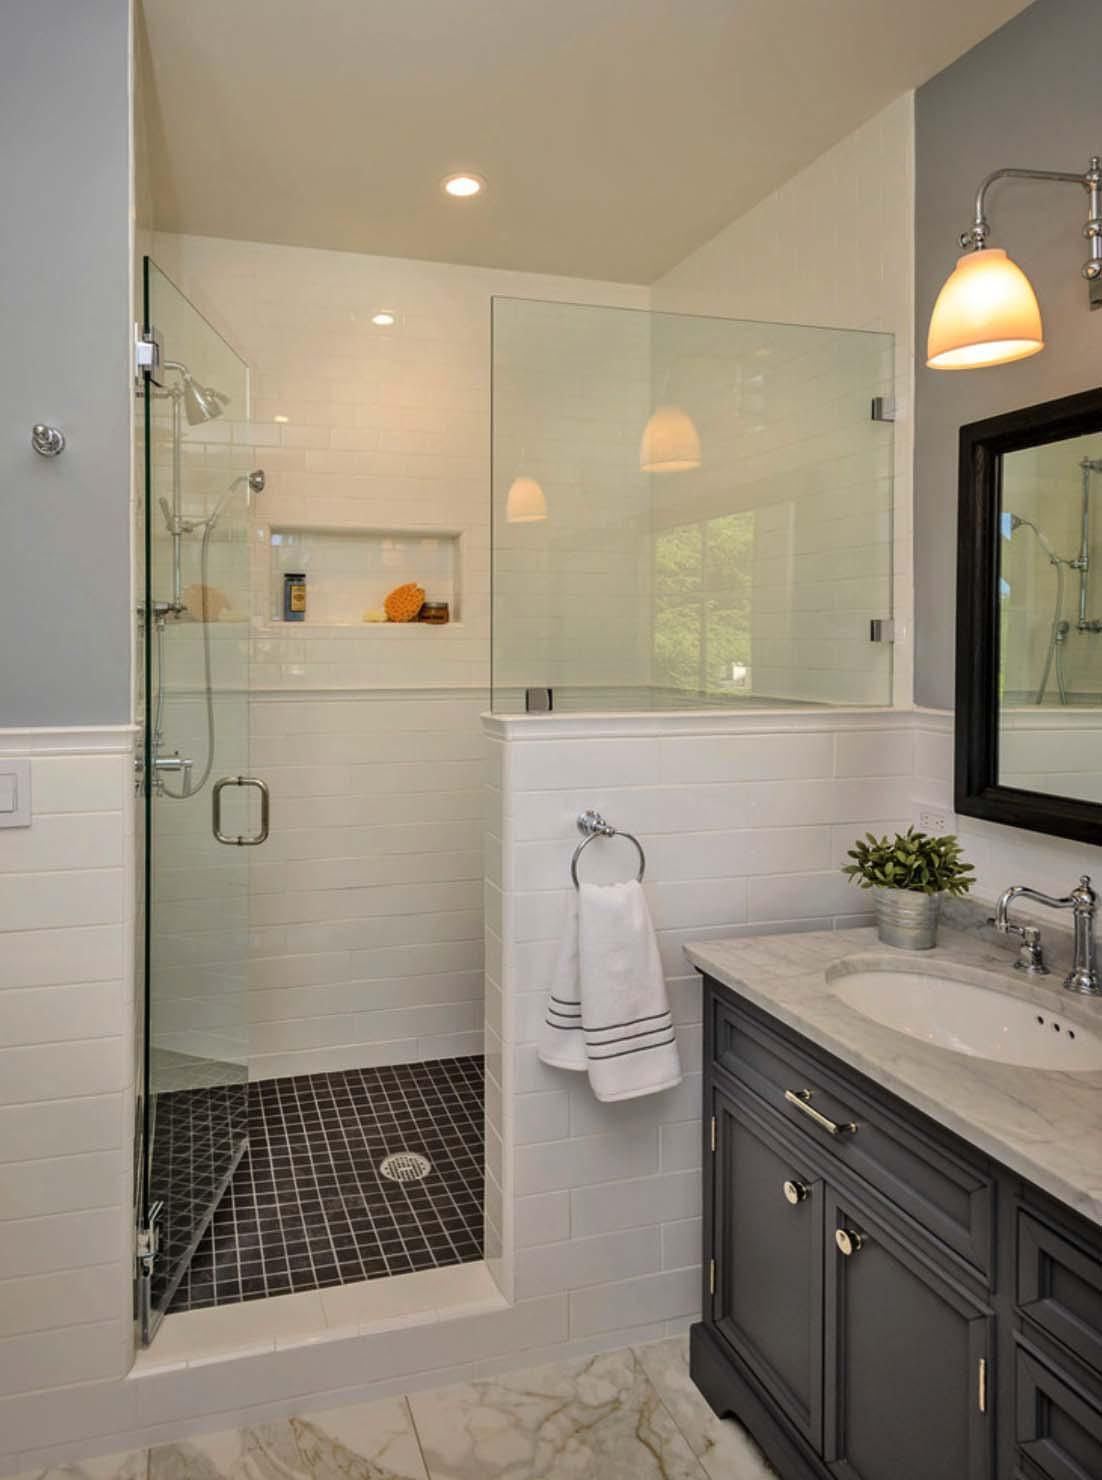 Badezimmer Gestaltungsideen Gestaltungsideen Badezimmerpyppainfo Bad Styling Badezimmer Design Kleines Bad Umbau